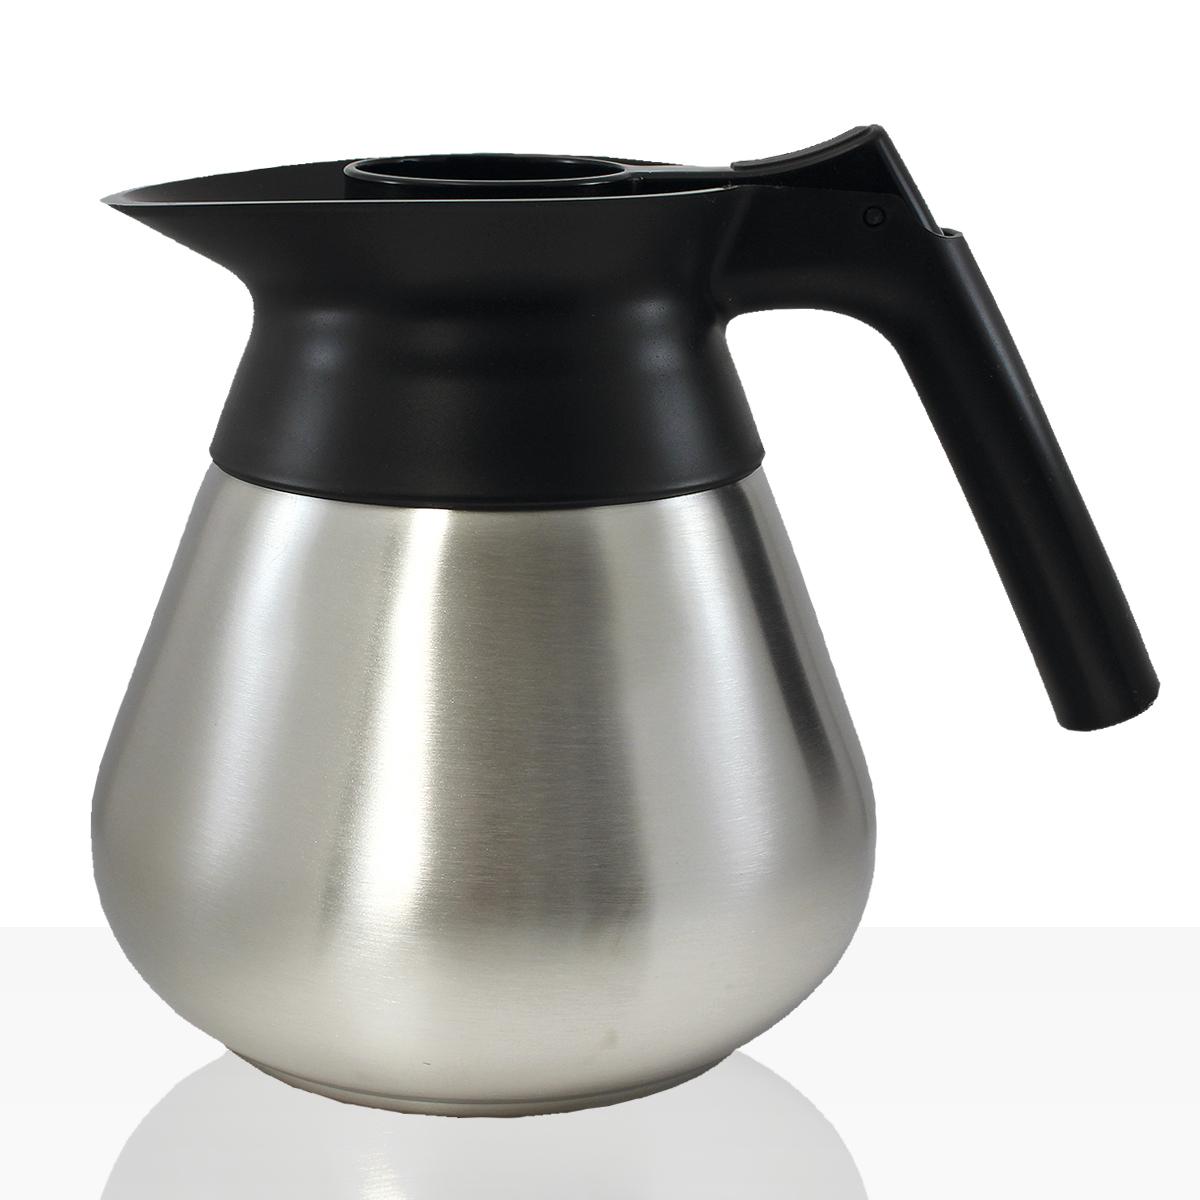 Bonamat Edelstahlkanne 1,7l Kaffee-Kanne für zb Mondo, Matic